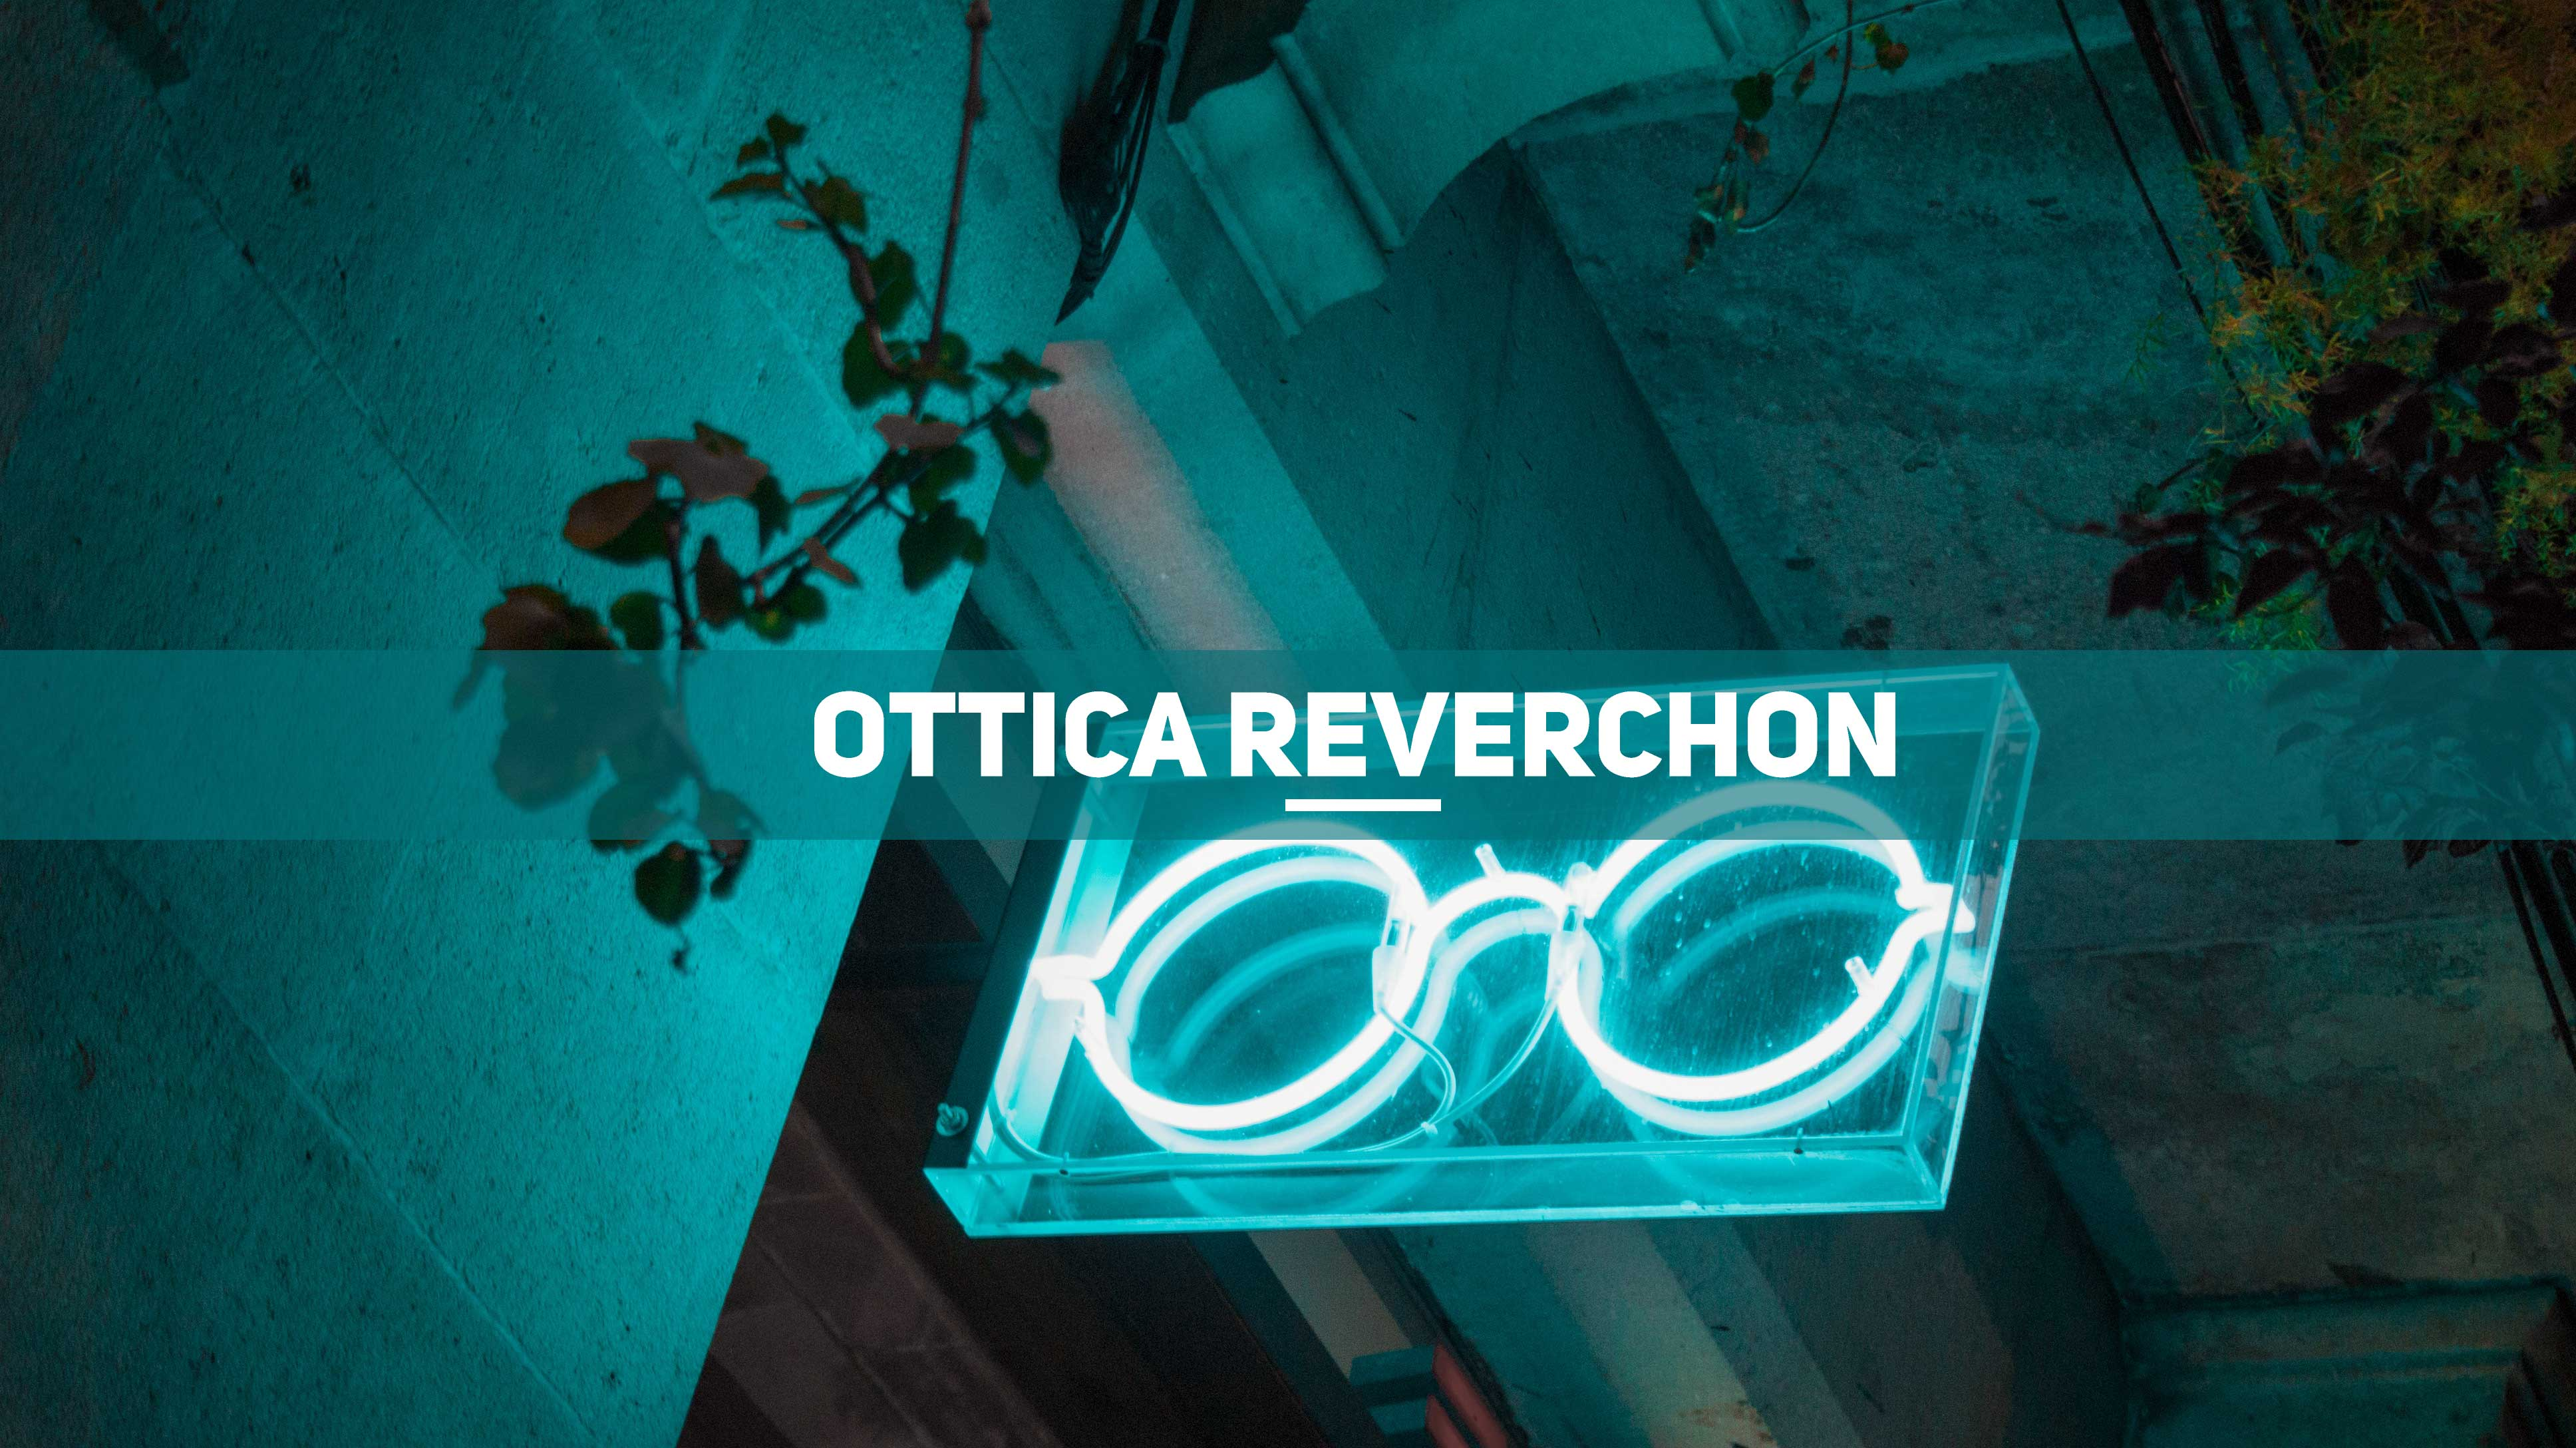 OTTICA_REVERCHON